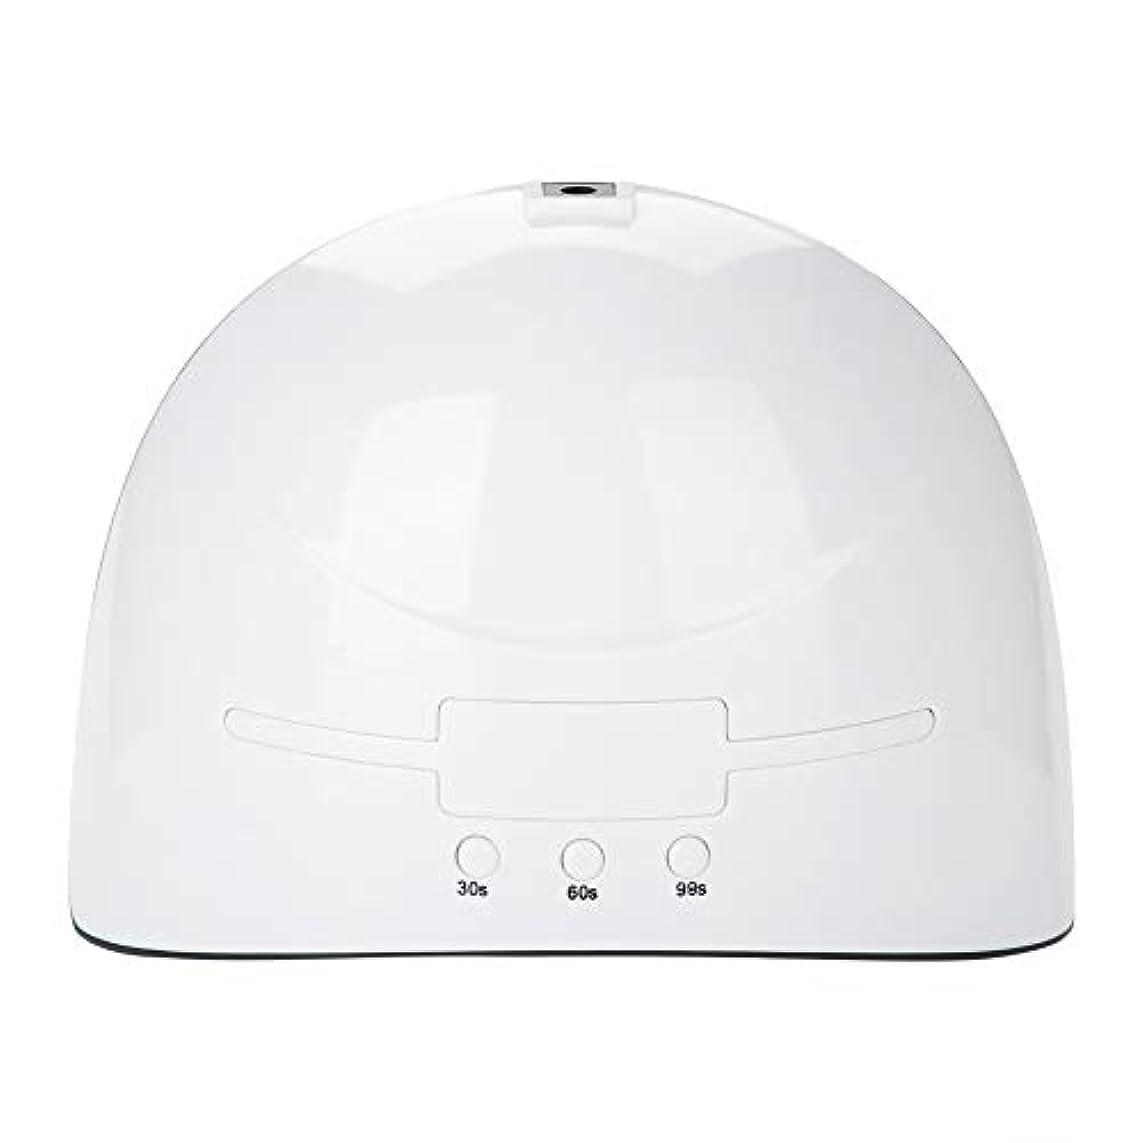 リフト動作ぶどうLEDネイルドライヤー 36w USB式 硬化用 三つタイマー ジェルネイル用 設定可能 便携 家用 美容院 ホワイト (white)